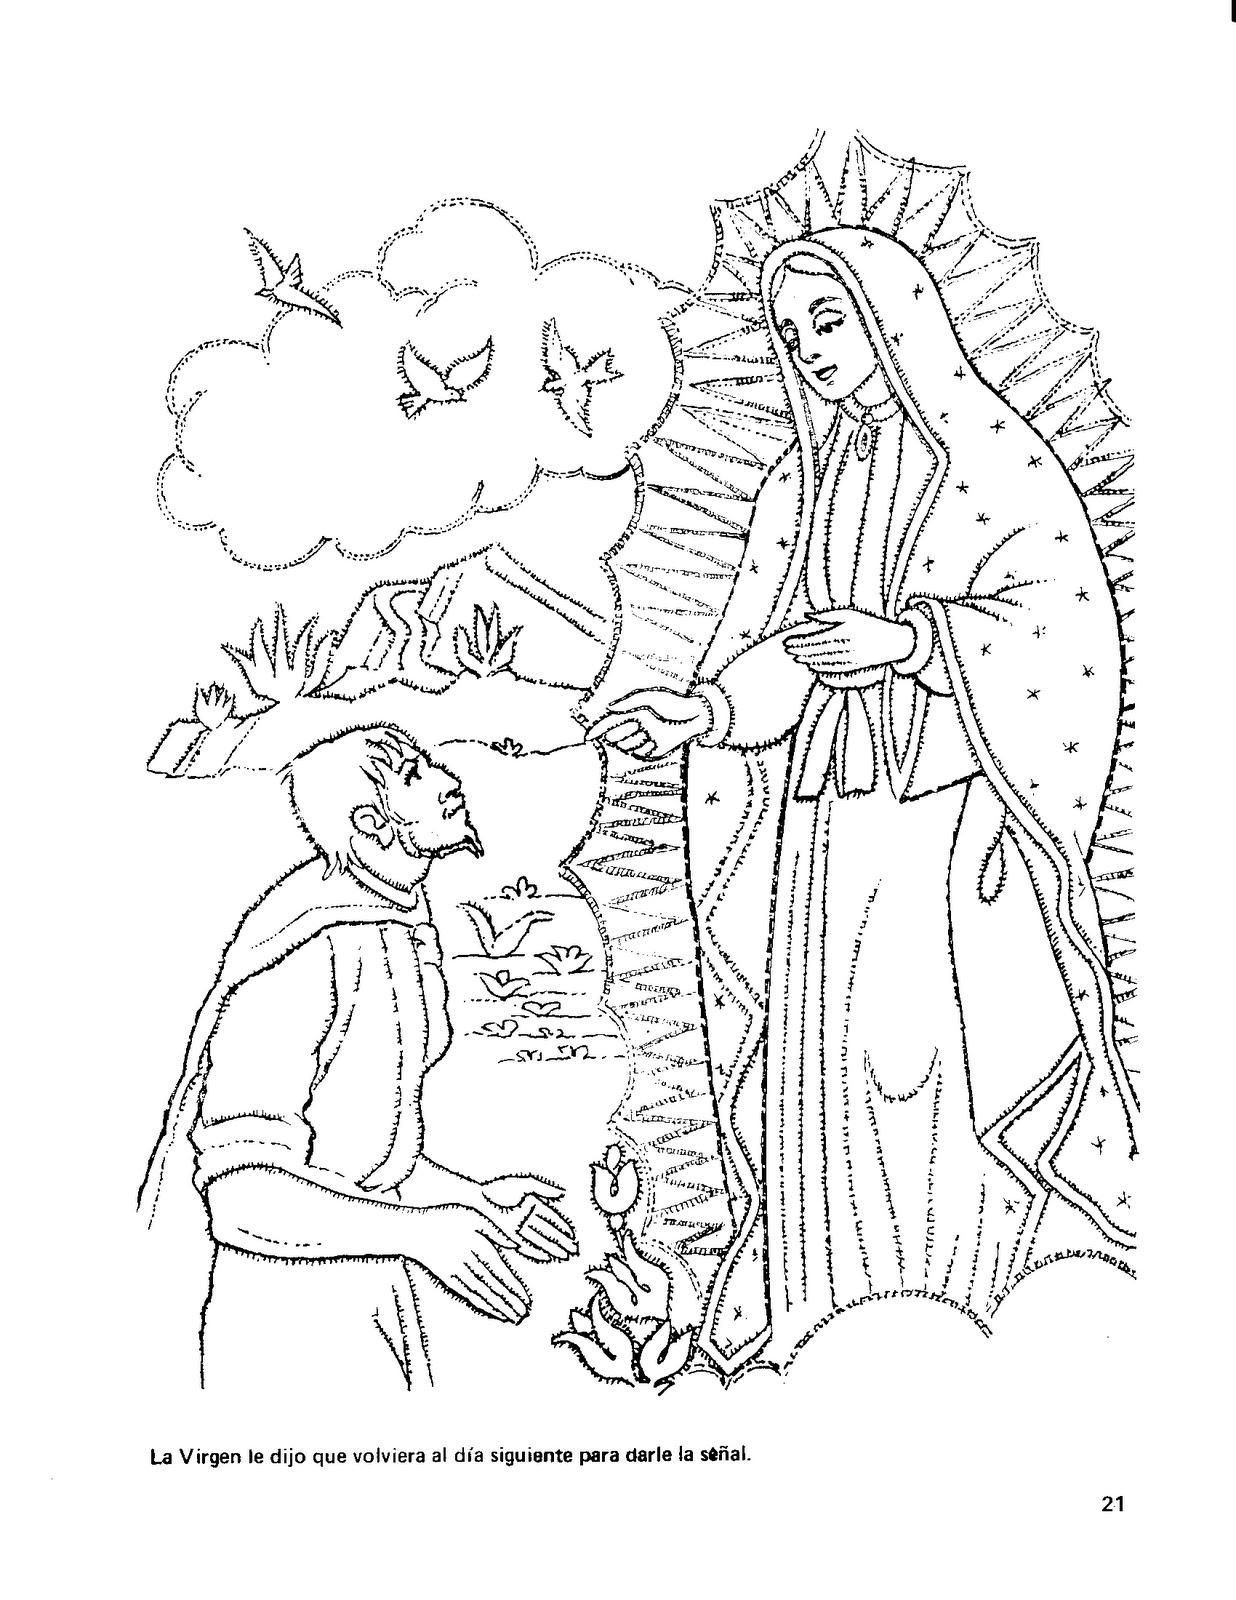 SANTA TERESA DE JESUS: DIBUJOS NUESTRA SEÑORA DE GUADALUPE